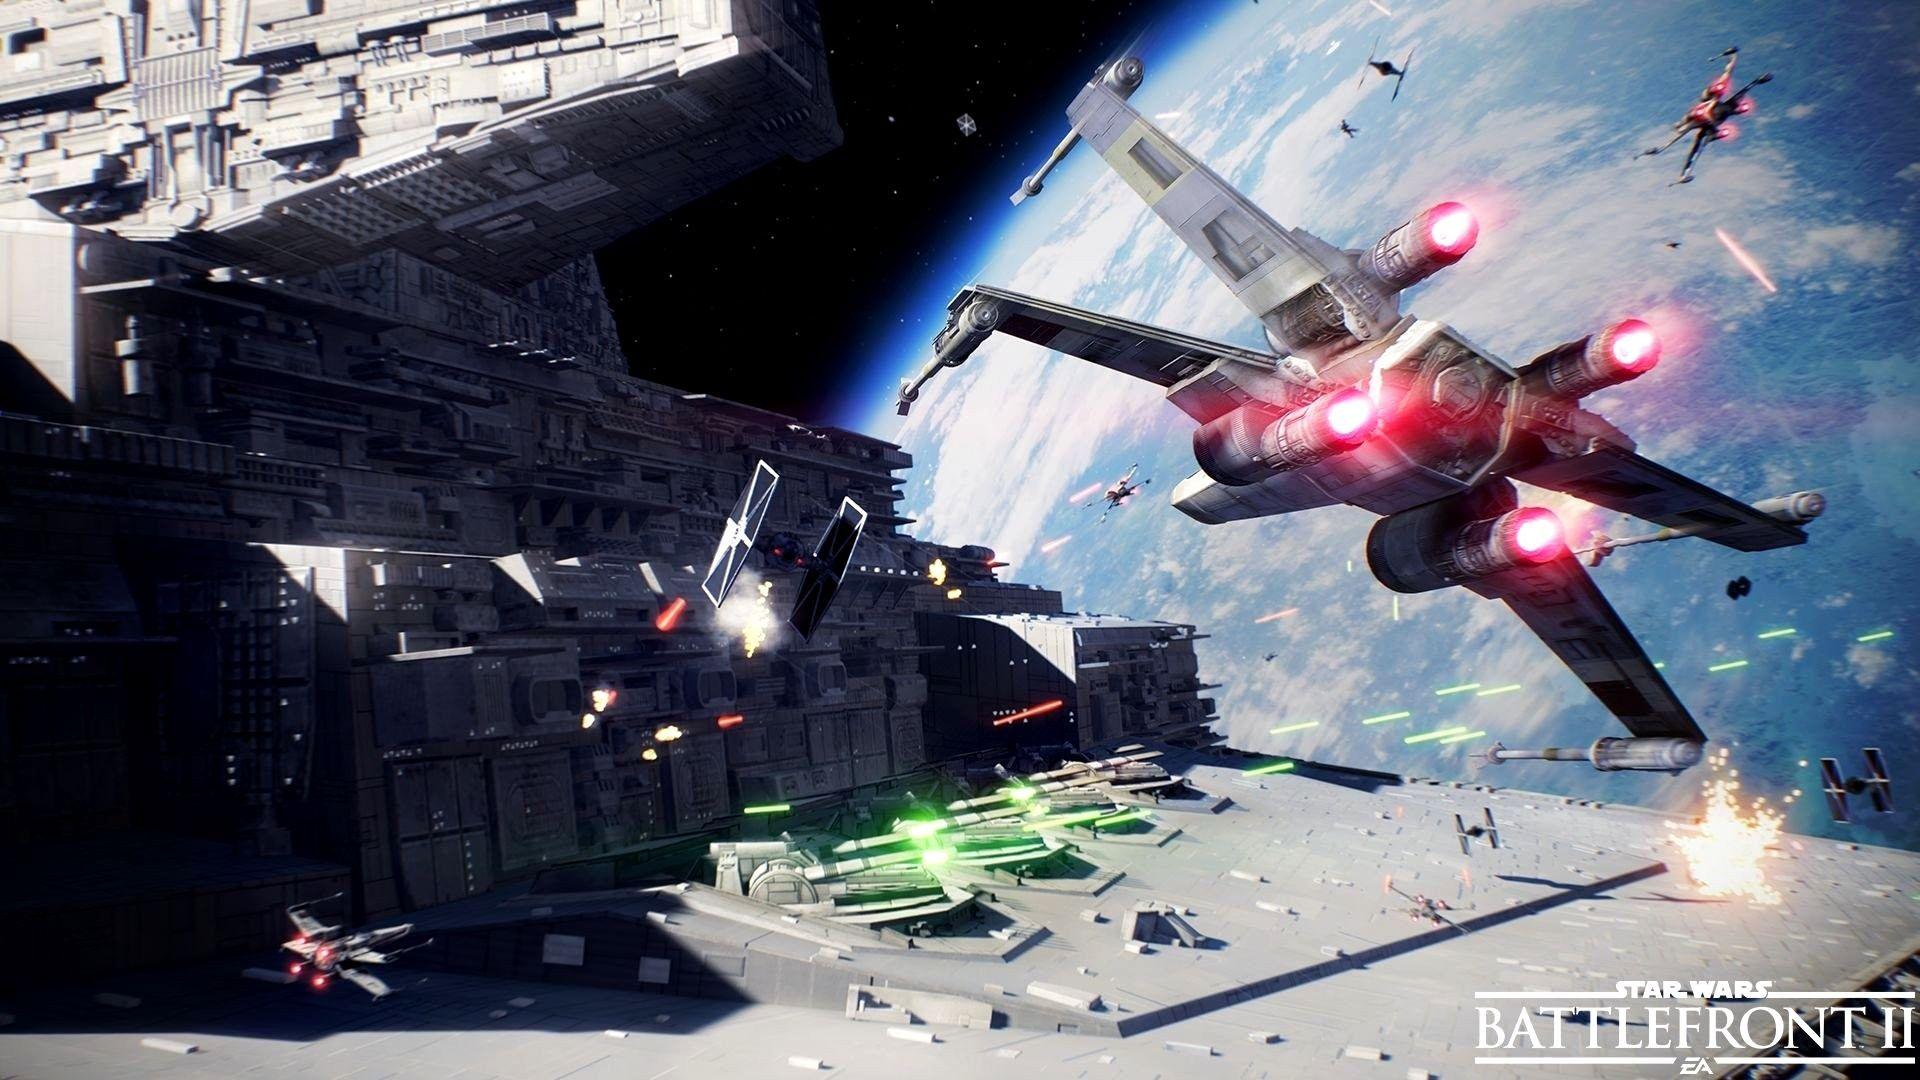 X Wing Wallpaper 4k Ideas 4k In 2020 Star Wars Battlefront Star Wars Awesome Wings Wallpaper